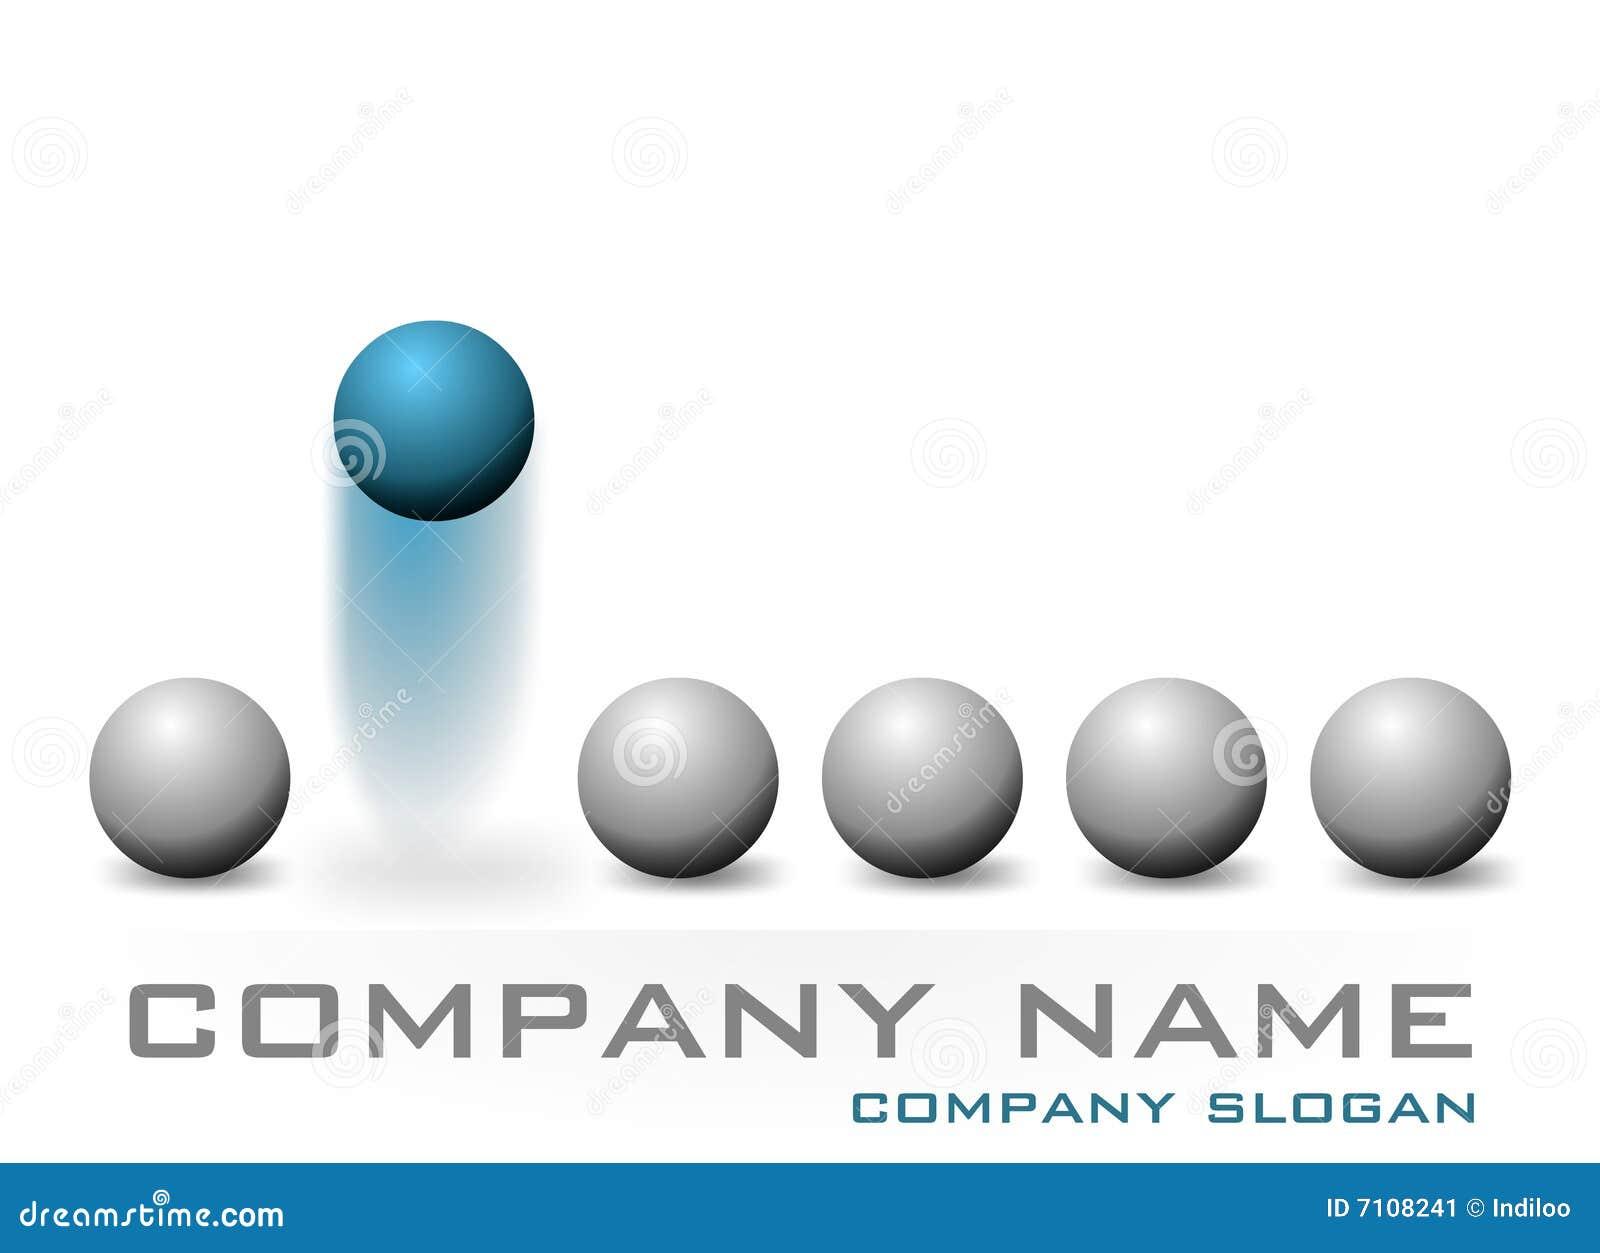 Insignia de la compañía